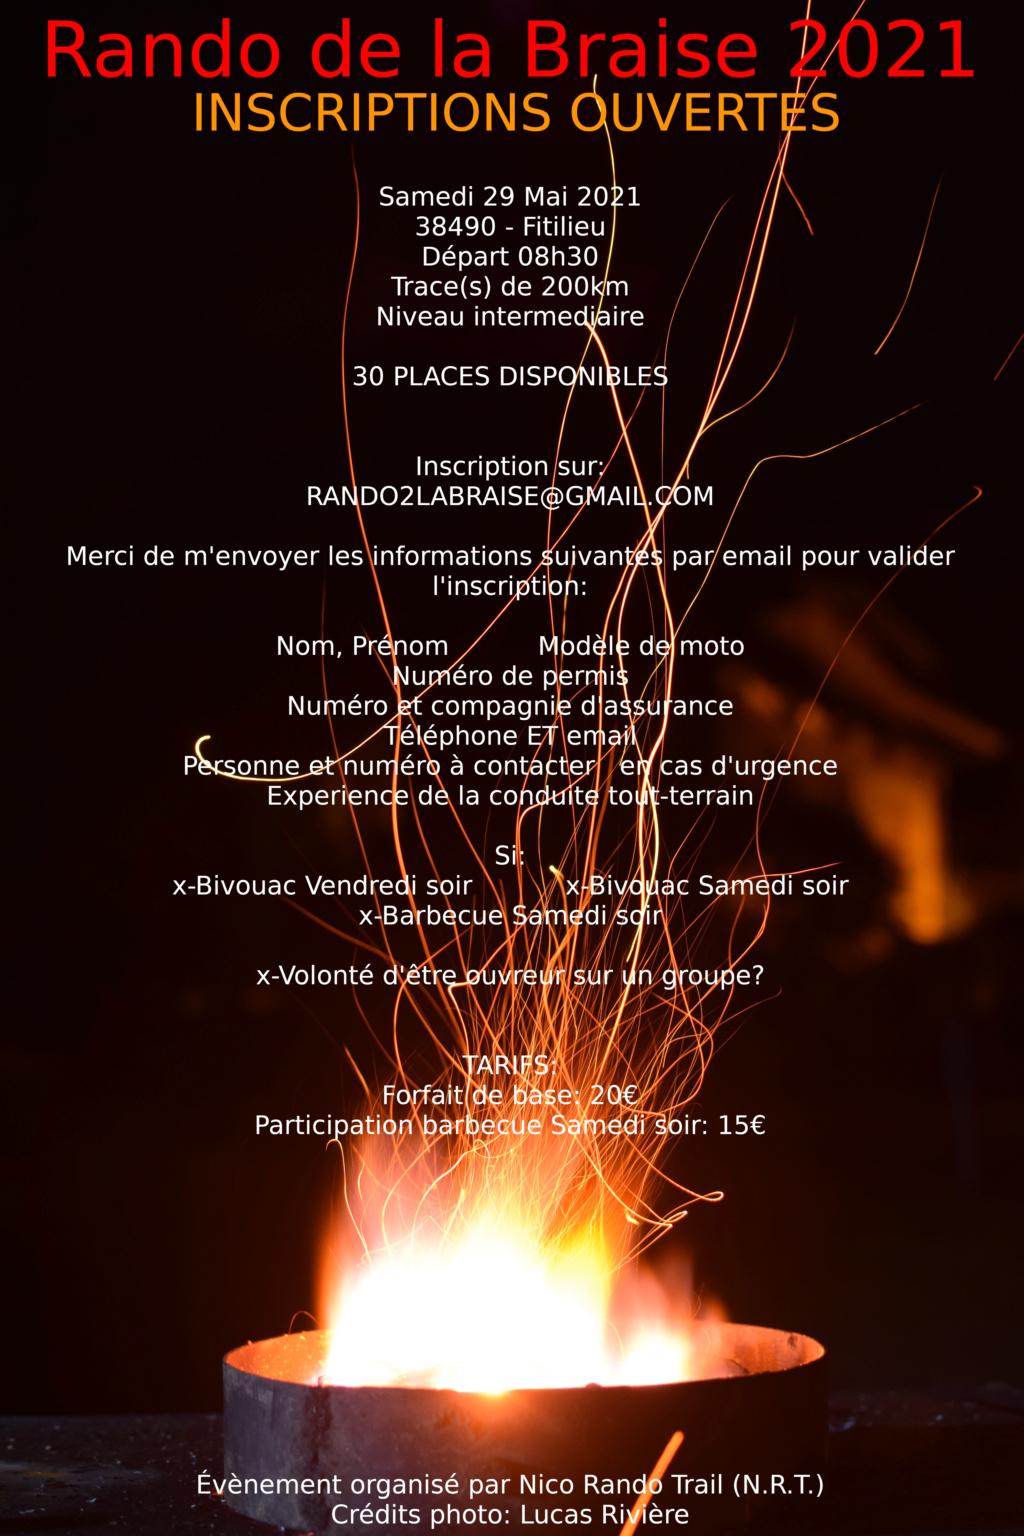 Rando de la Braise 2021 - Page 2 Inscri10